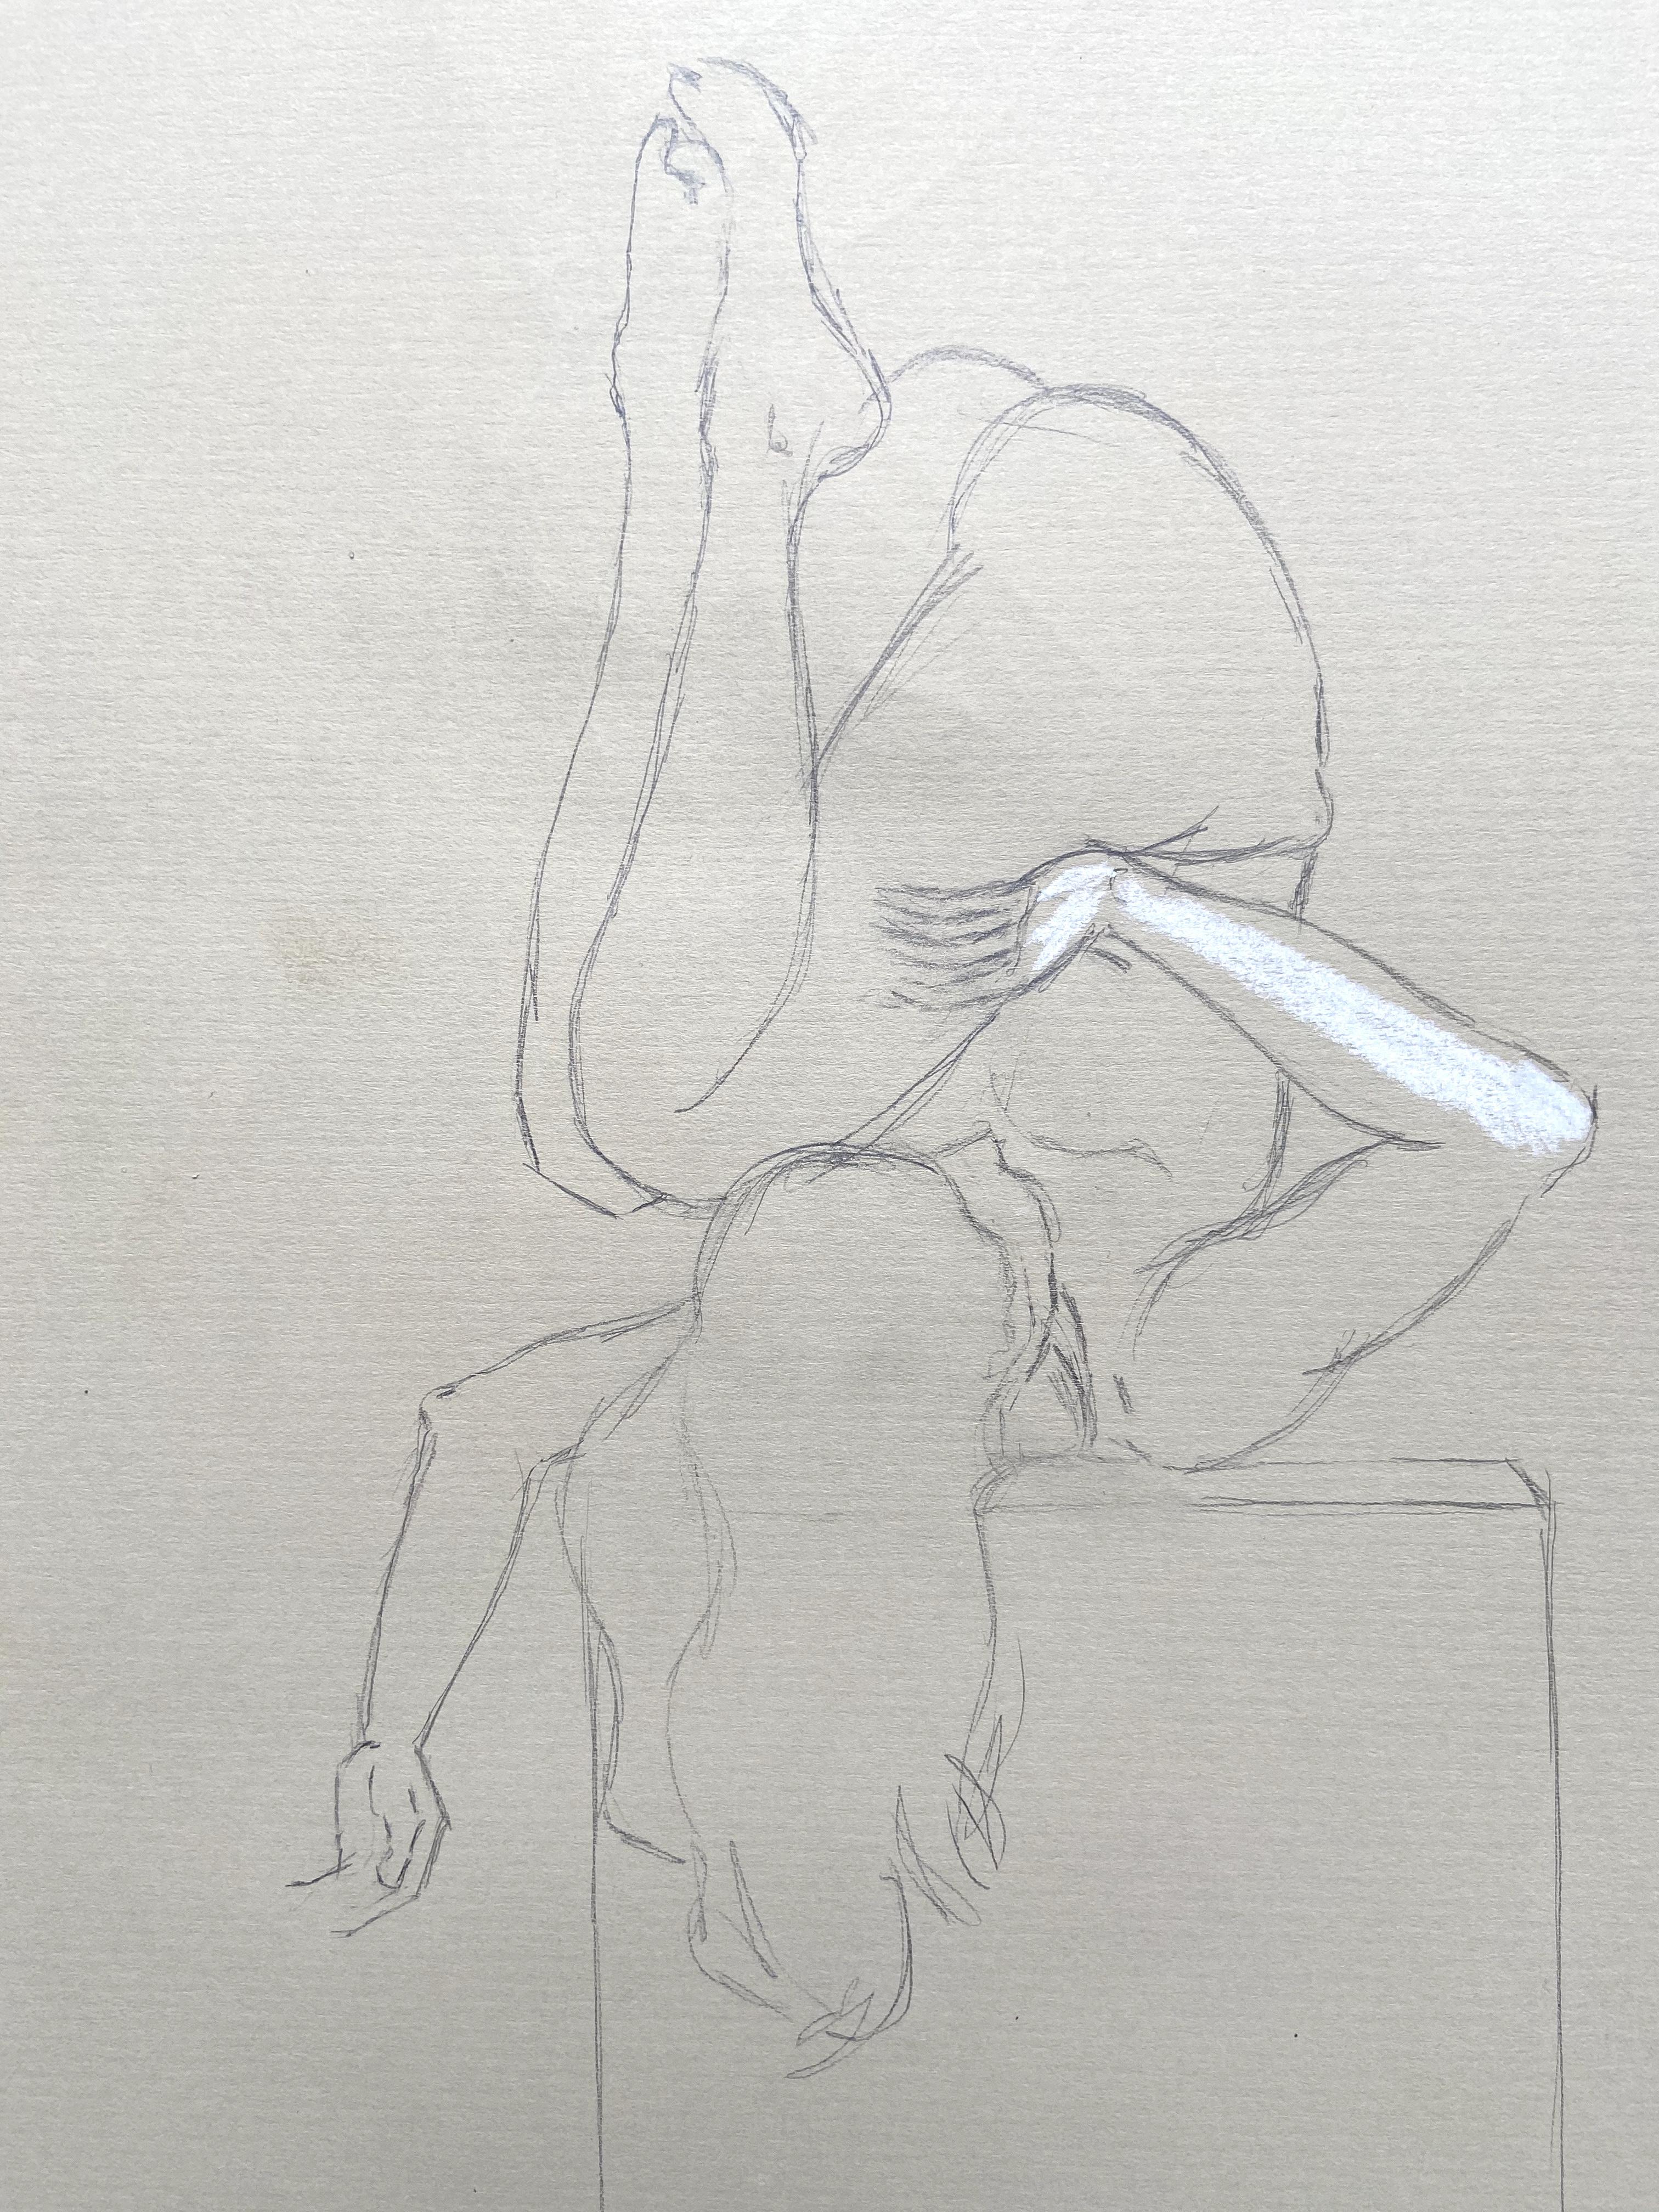 �bauche dessin r�hausse pastel blanche  cours de dessin